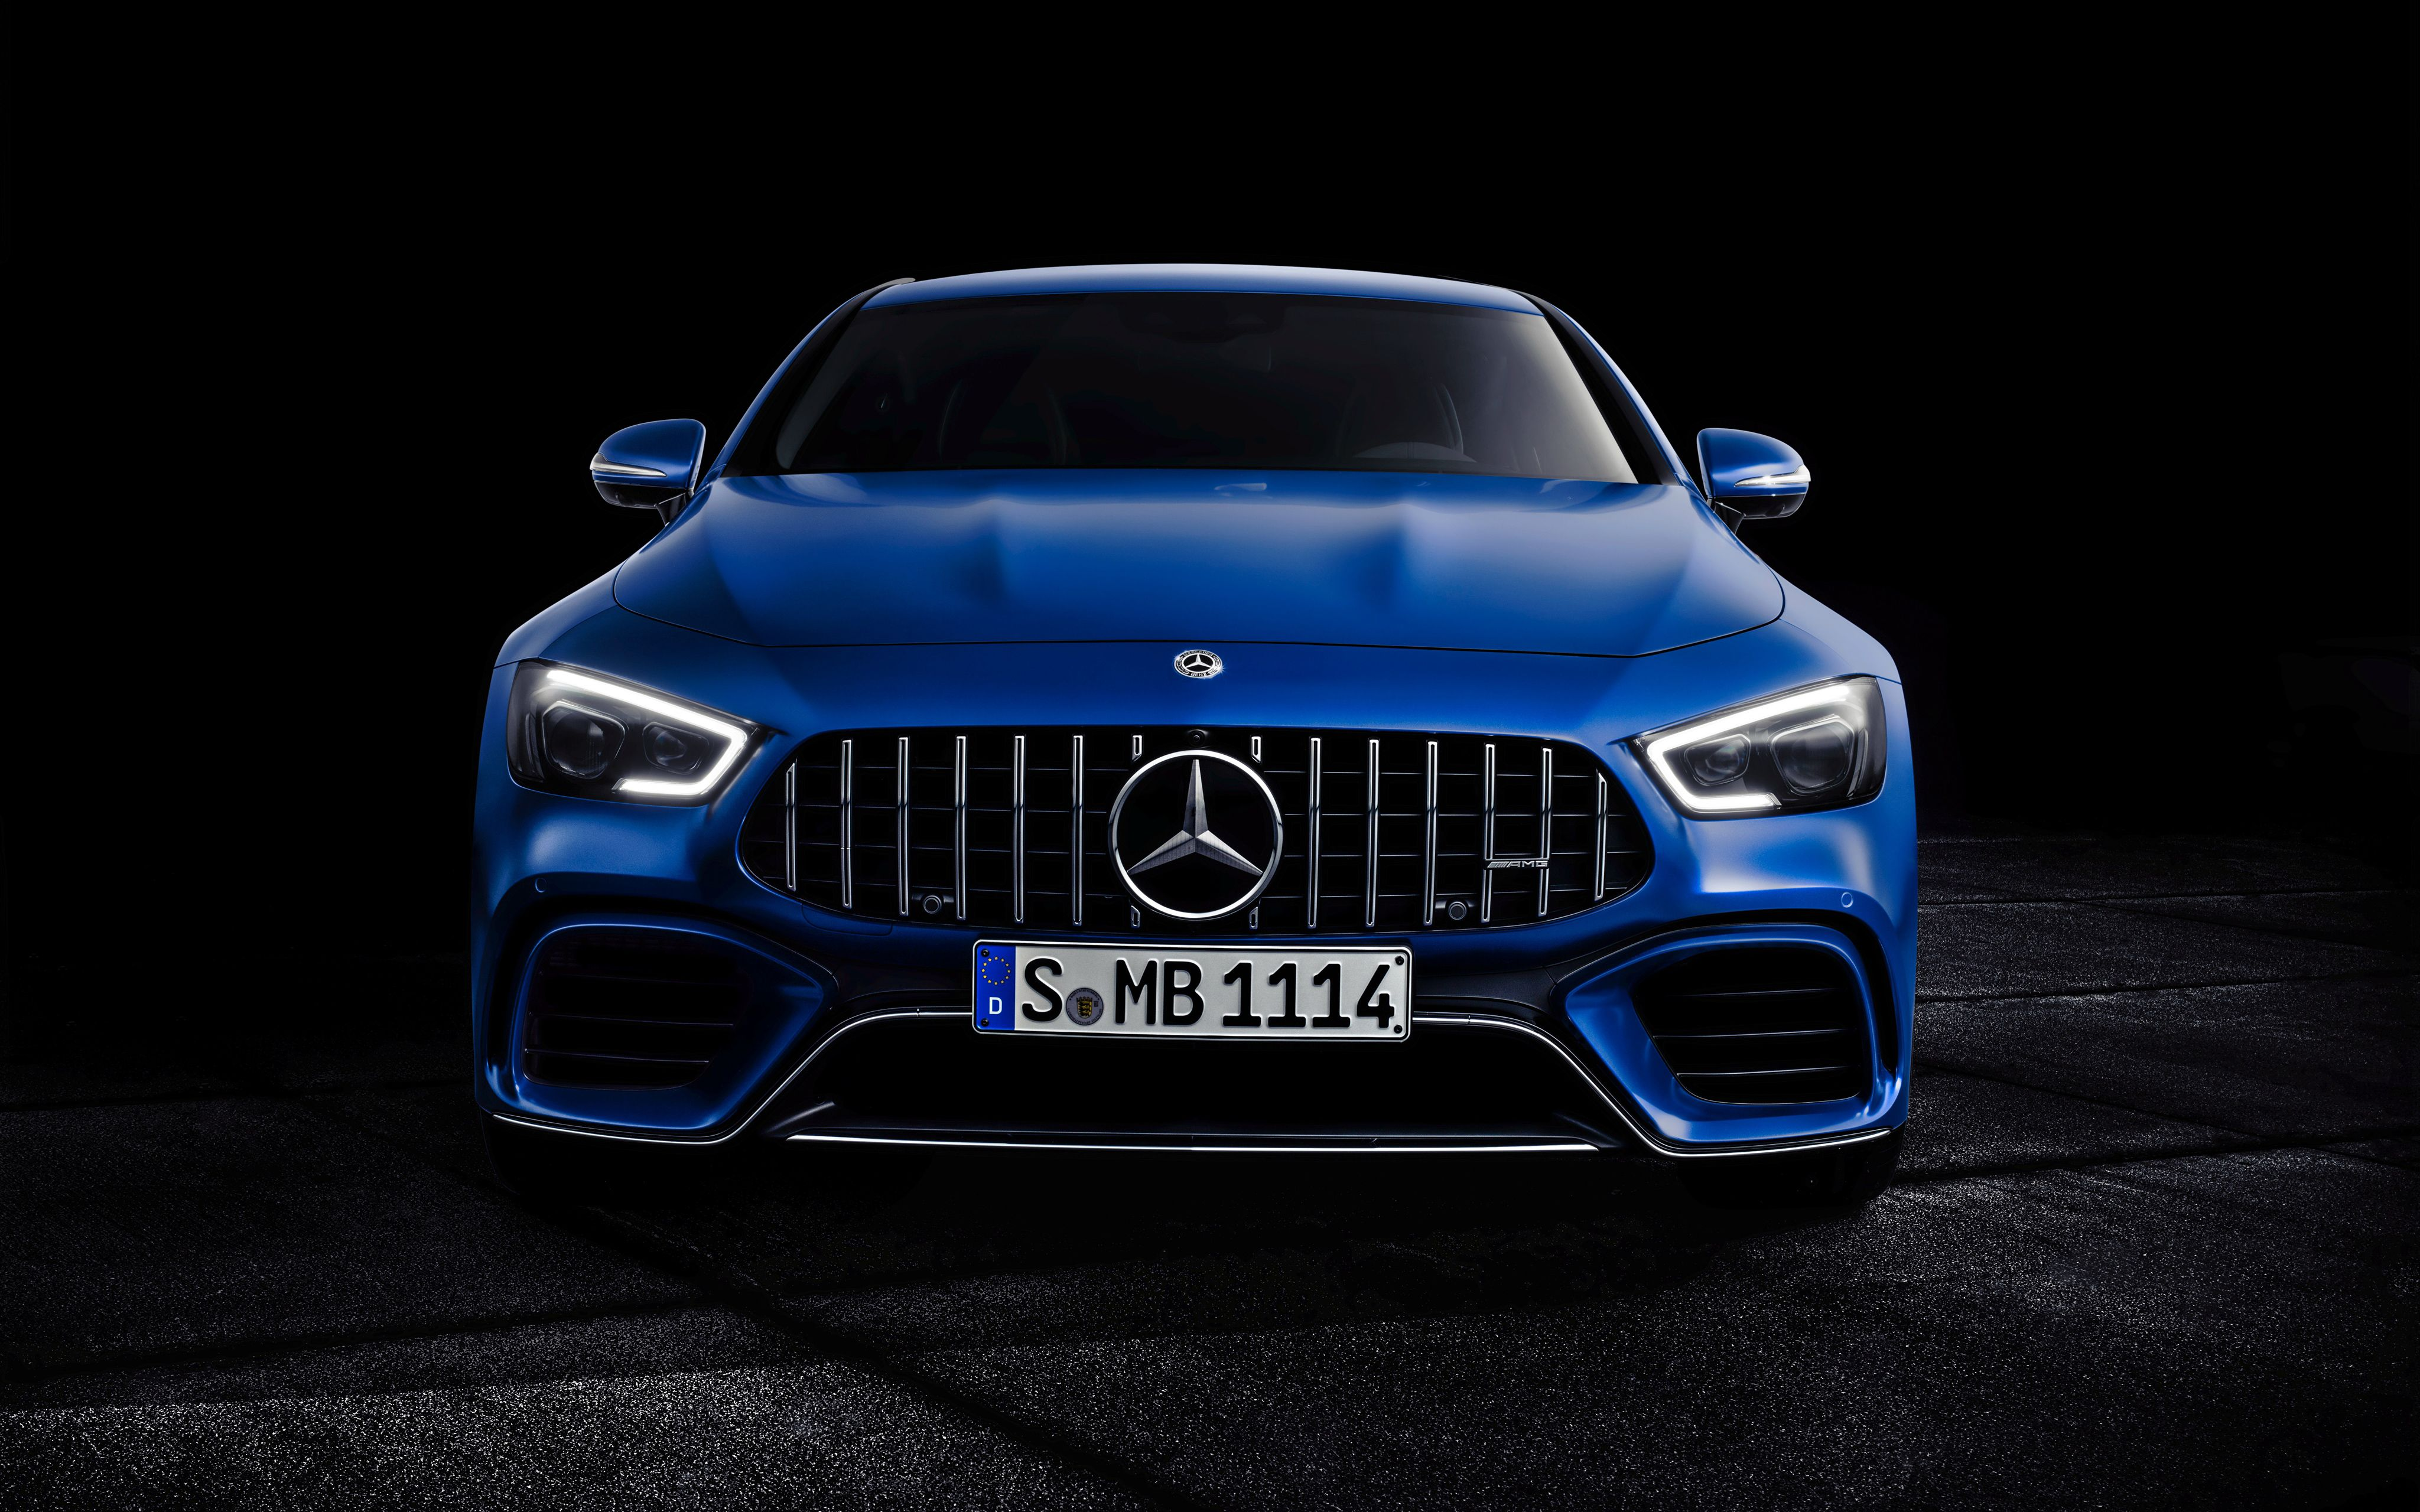 Mercedes Amg Gt 63 S 4matic 4door Coupe 2018 4k 4k Hd Wallpapers Mercedes Benz Amg Mercedes Amg Mercedes Amg Gt 63 S